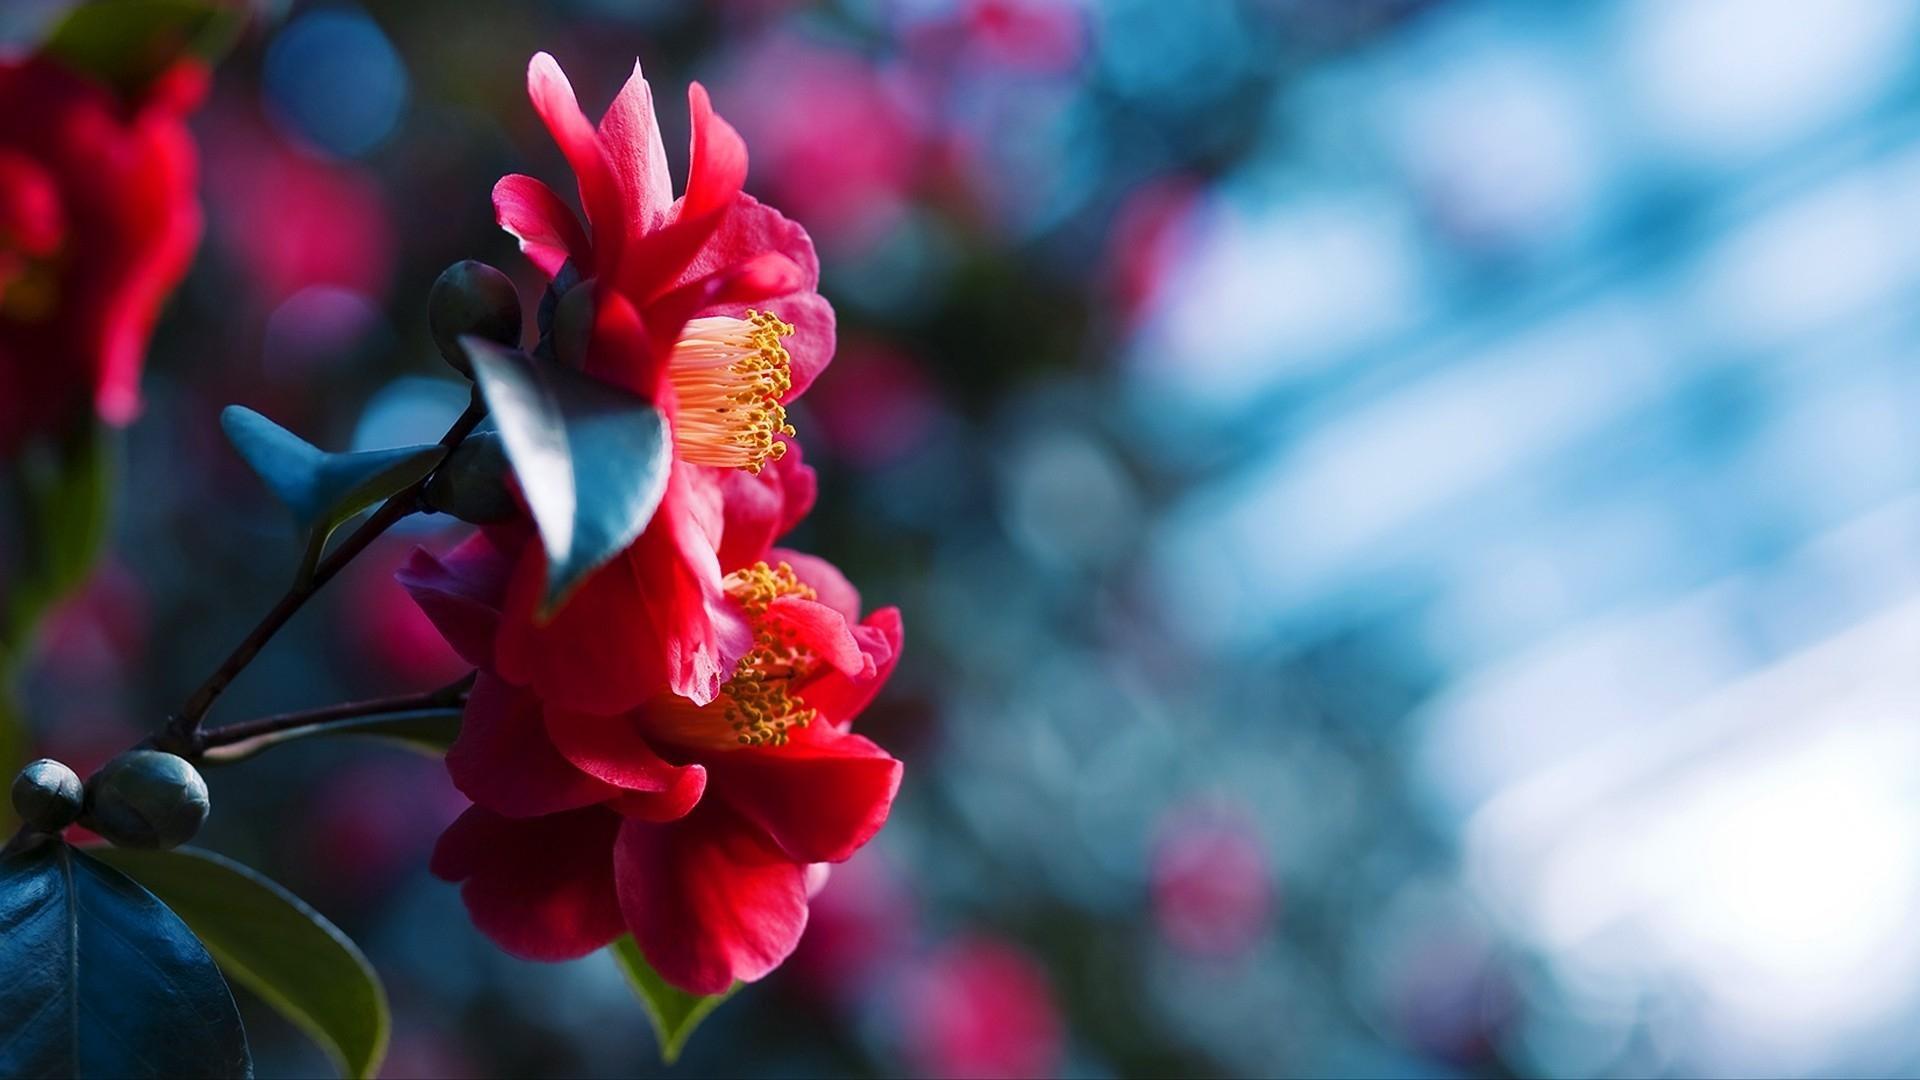 Flowers Wallpaper Hd